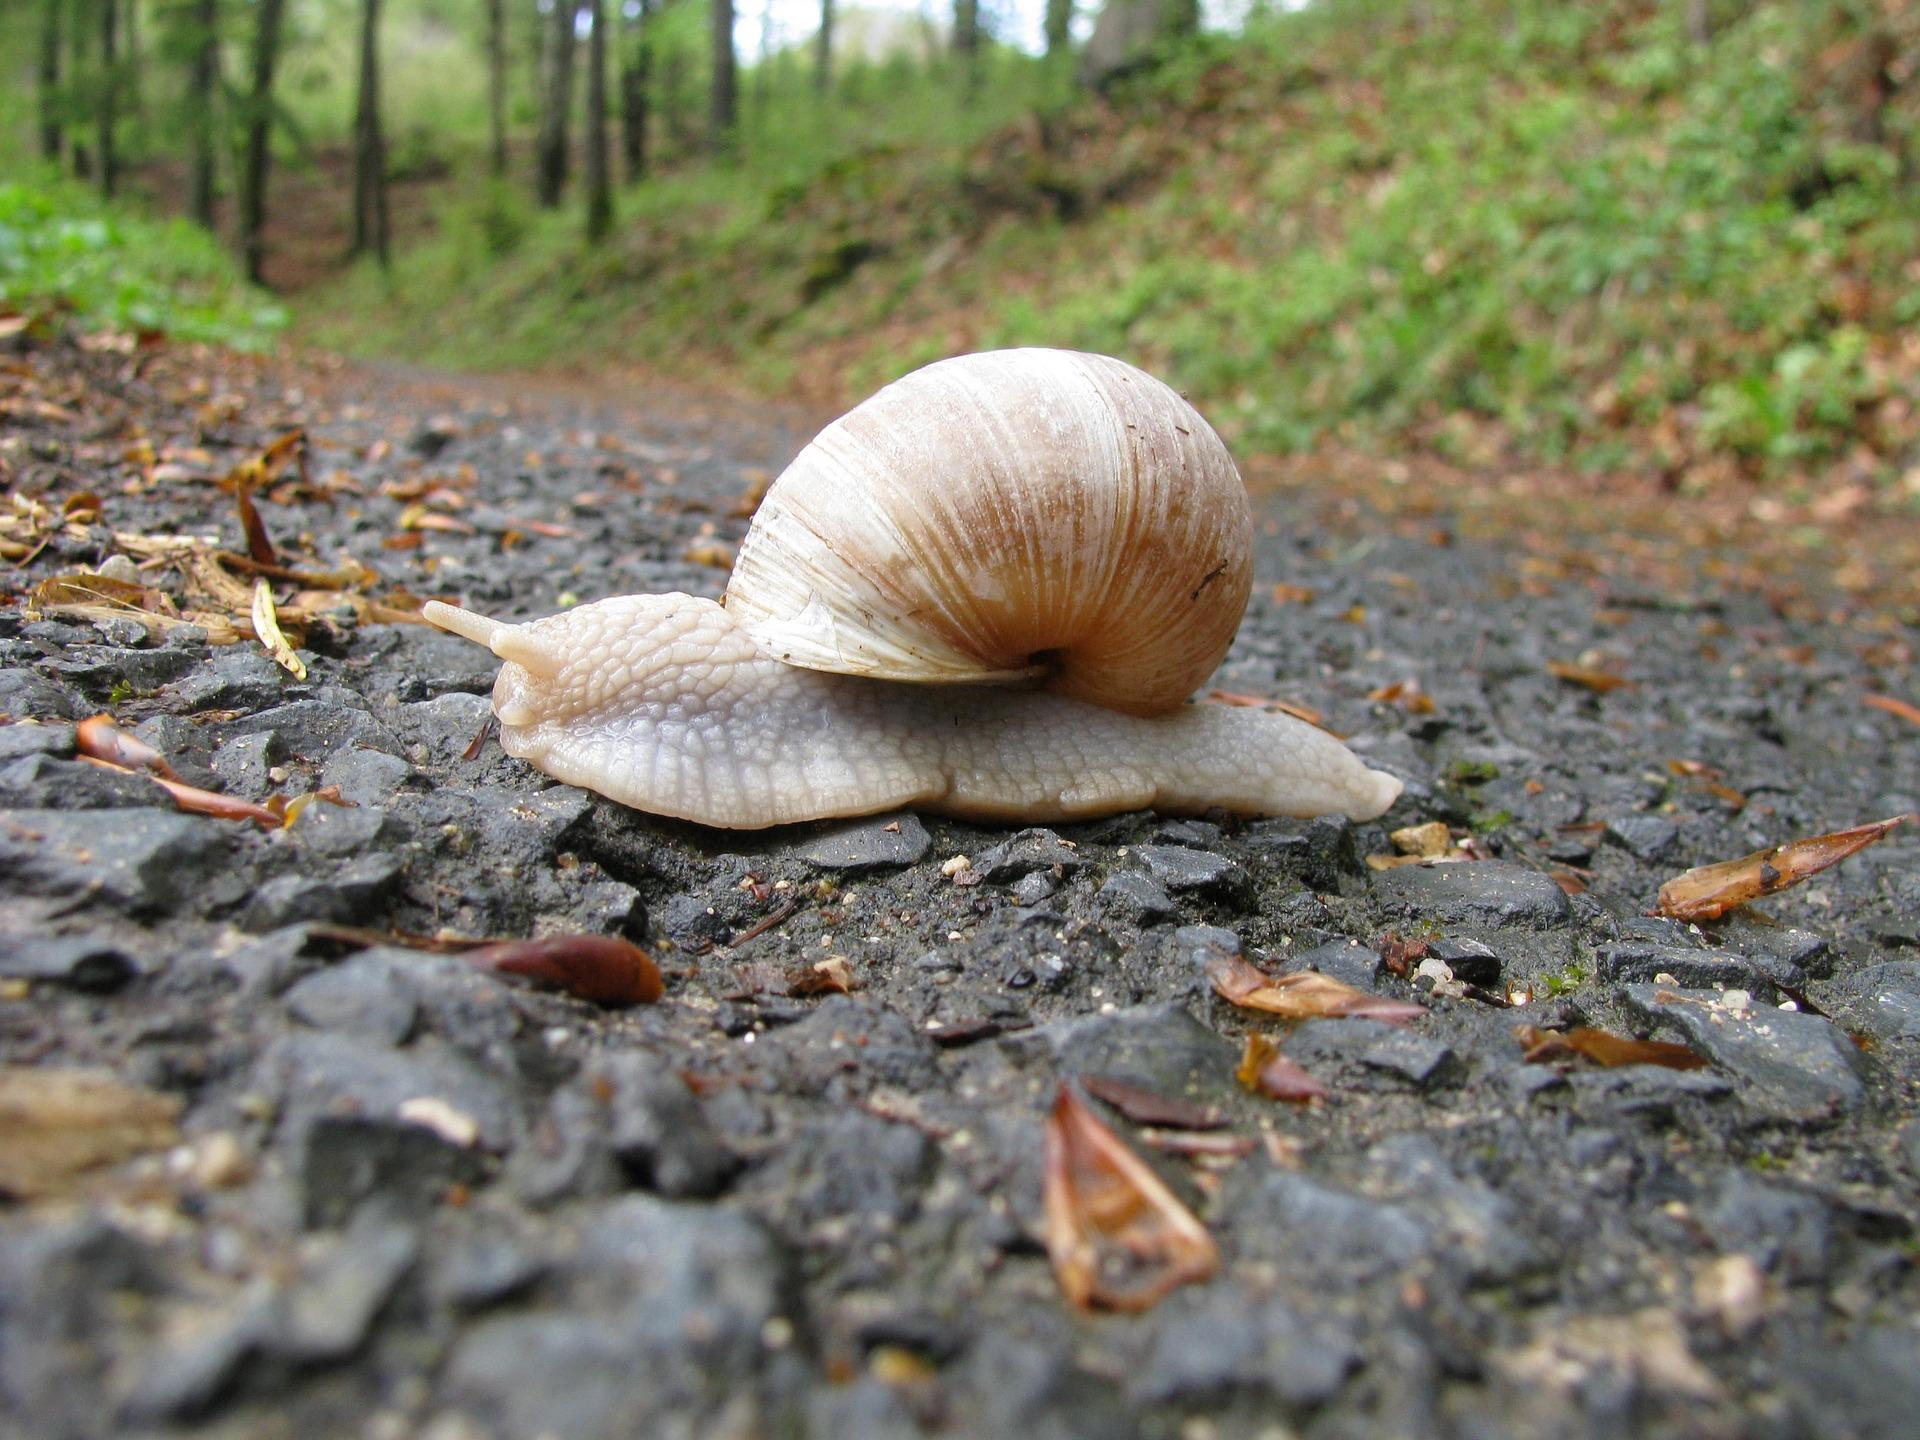 snail-2164278_1920